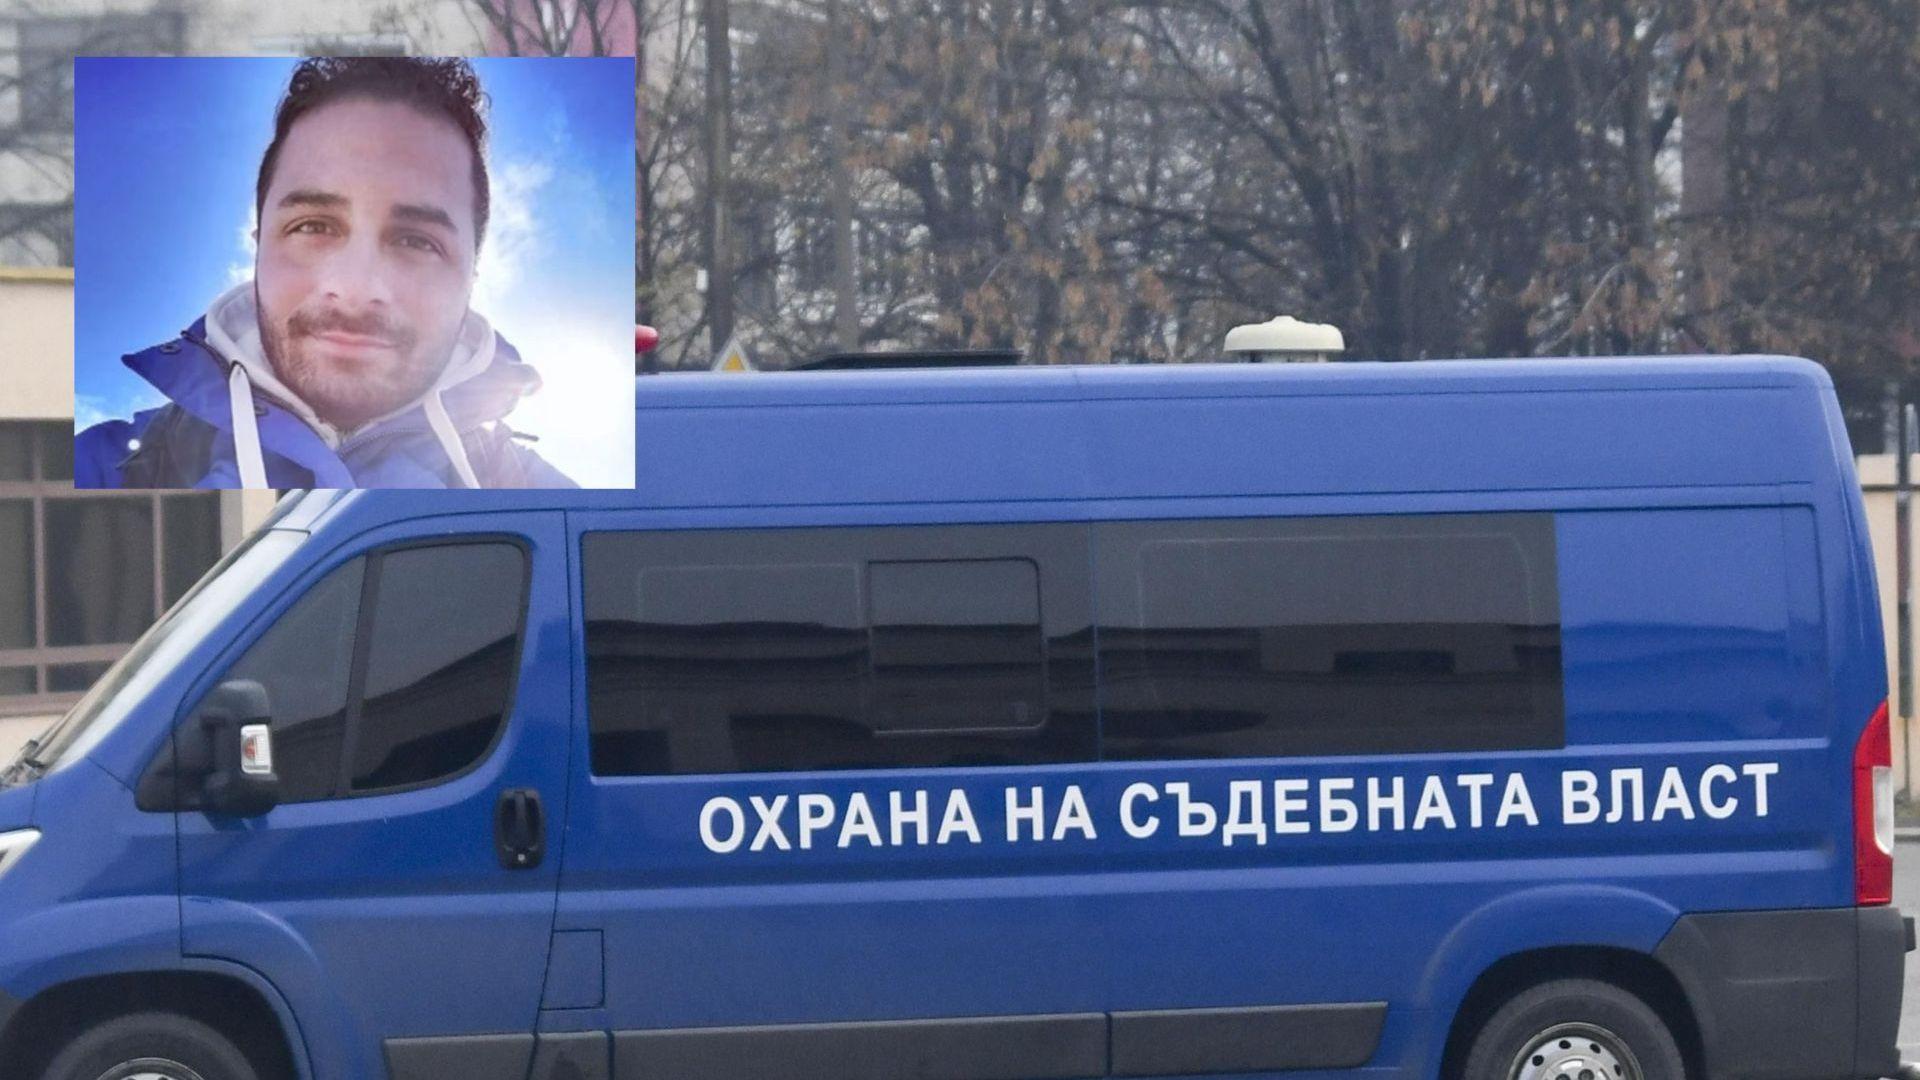 Задържаха в мигрантски лагер мъж, който цял живот живее в България